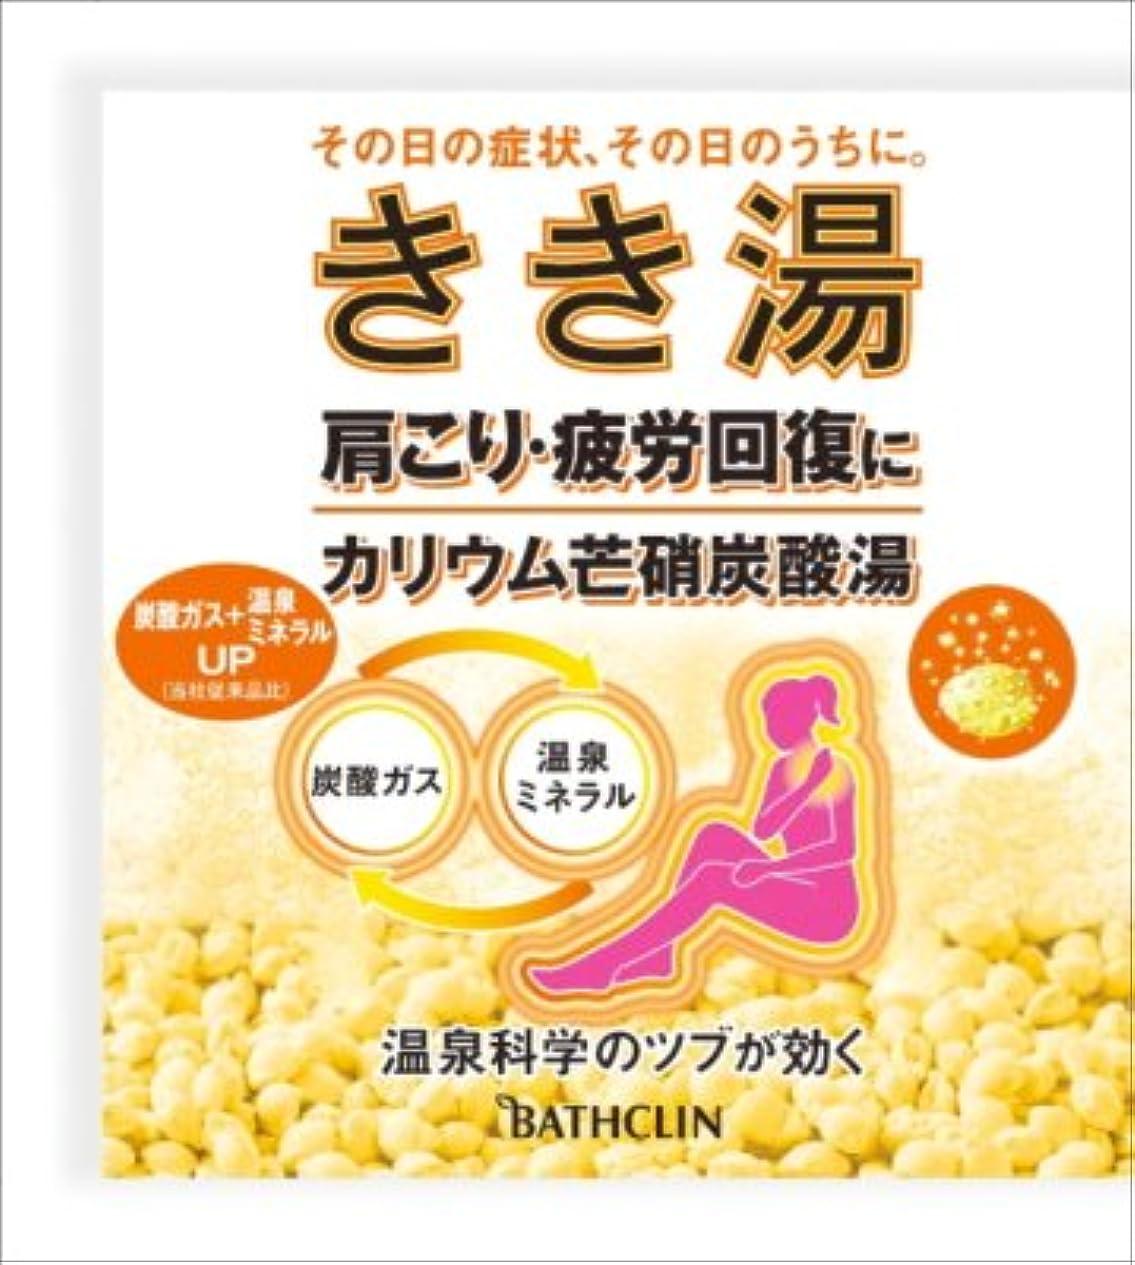 バスクリン きき湯 カリウム芒硝炭酸湯 30g(入浴剤)×120個セット